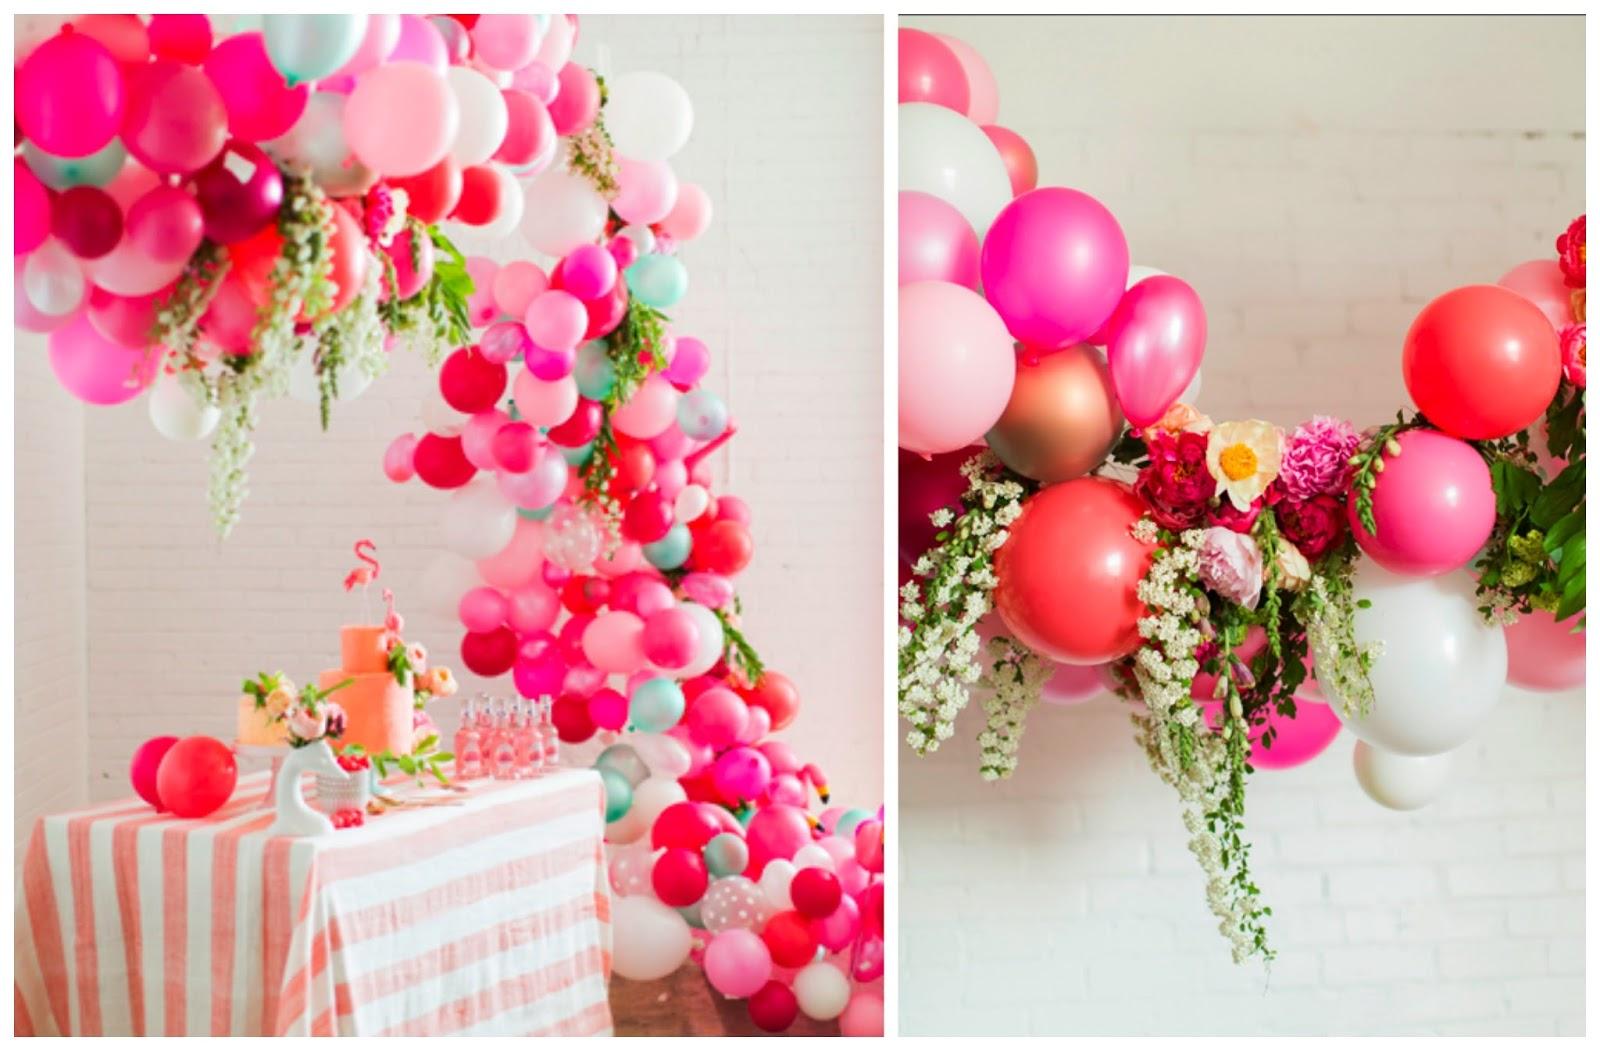 Decoraci n con globos y flores naturales imagui for Adornos metalicos para jardin